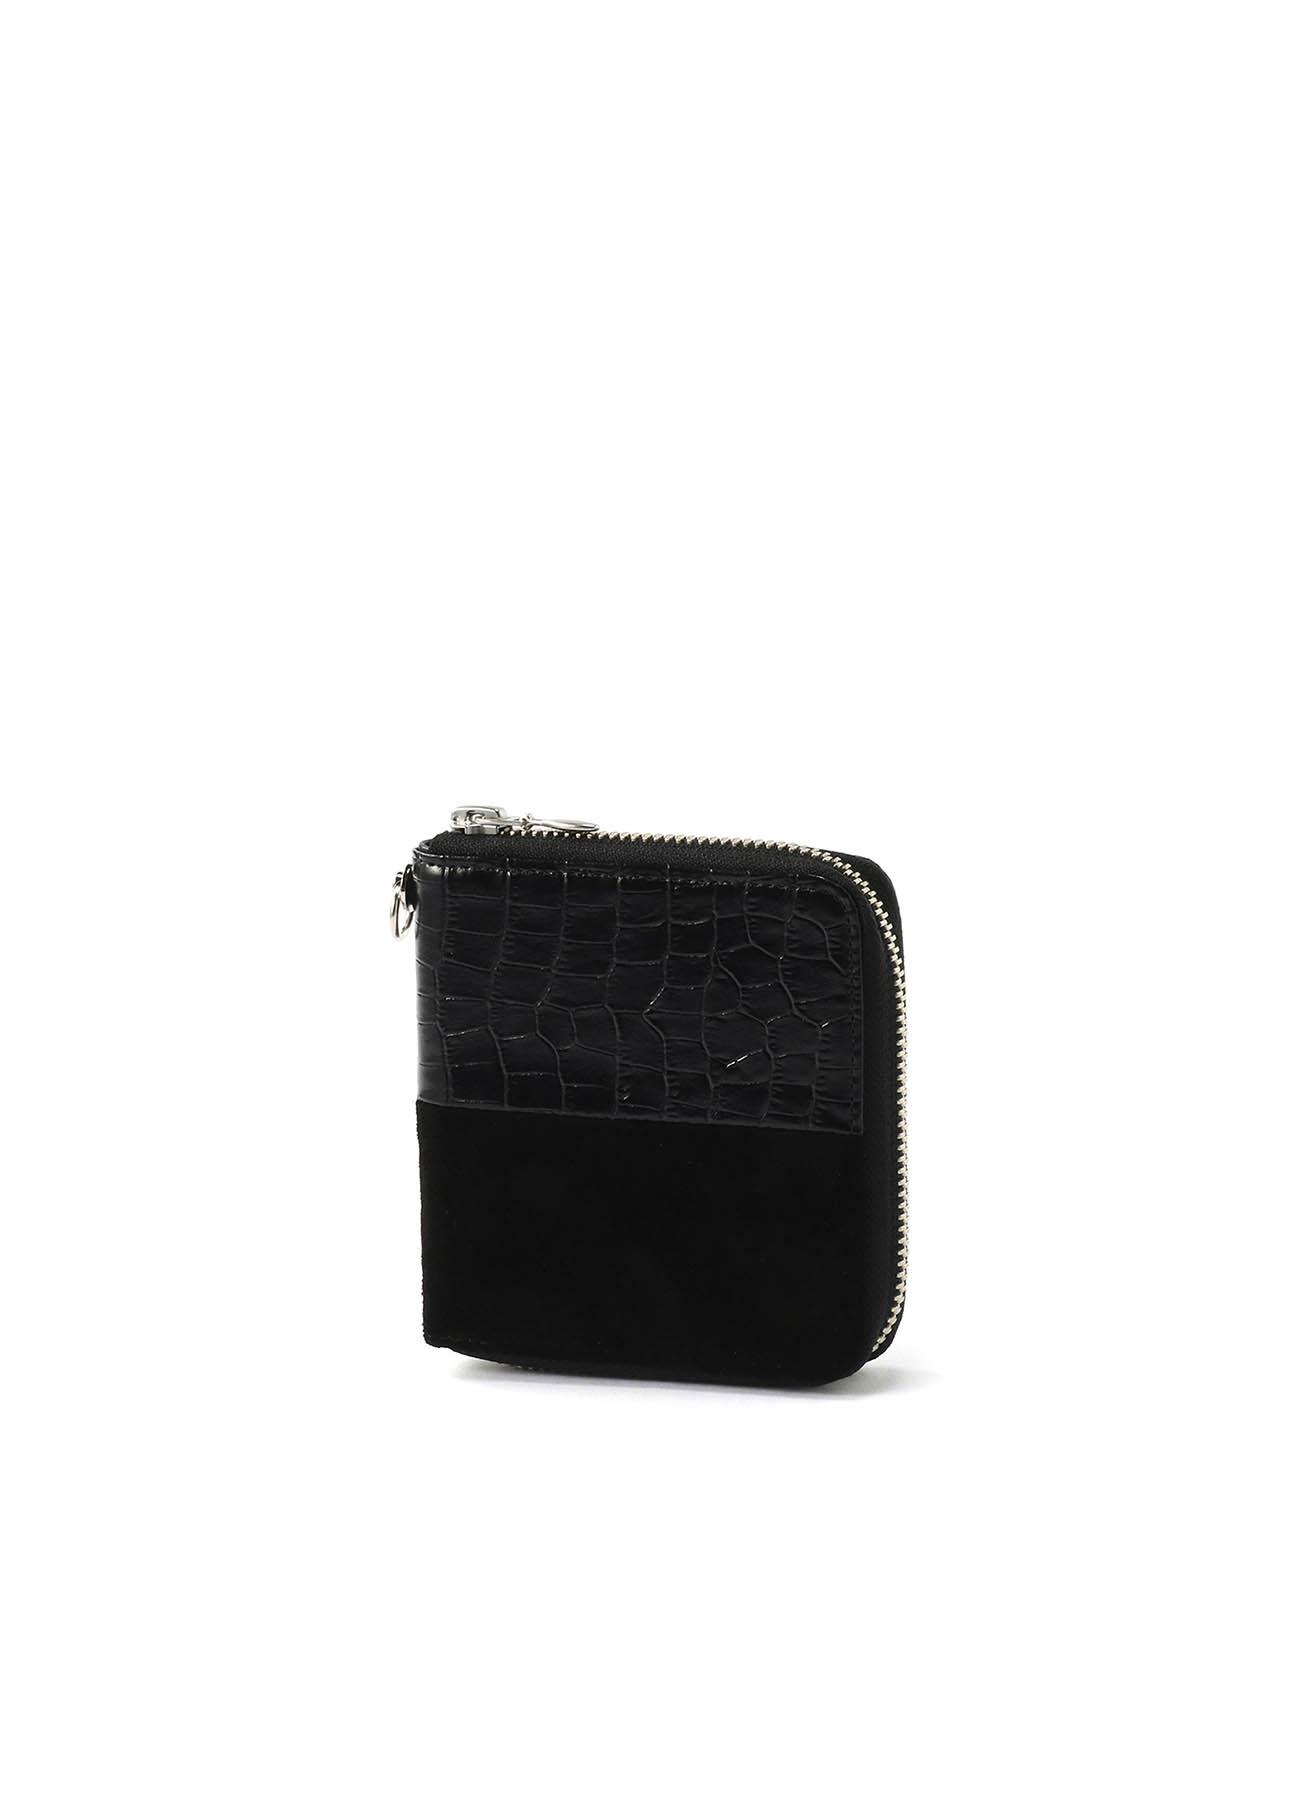 型押ステア/ピッグスエード短財布